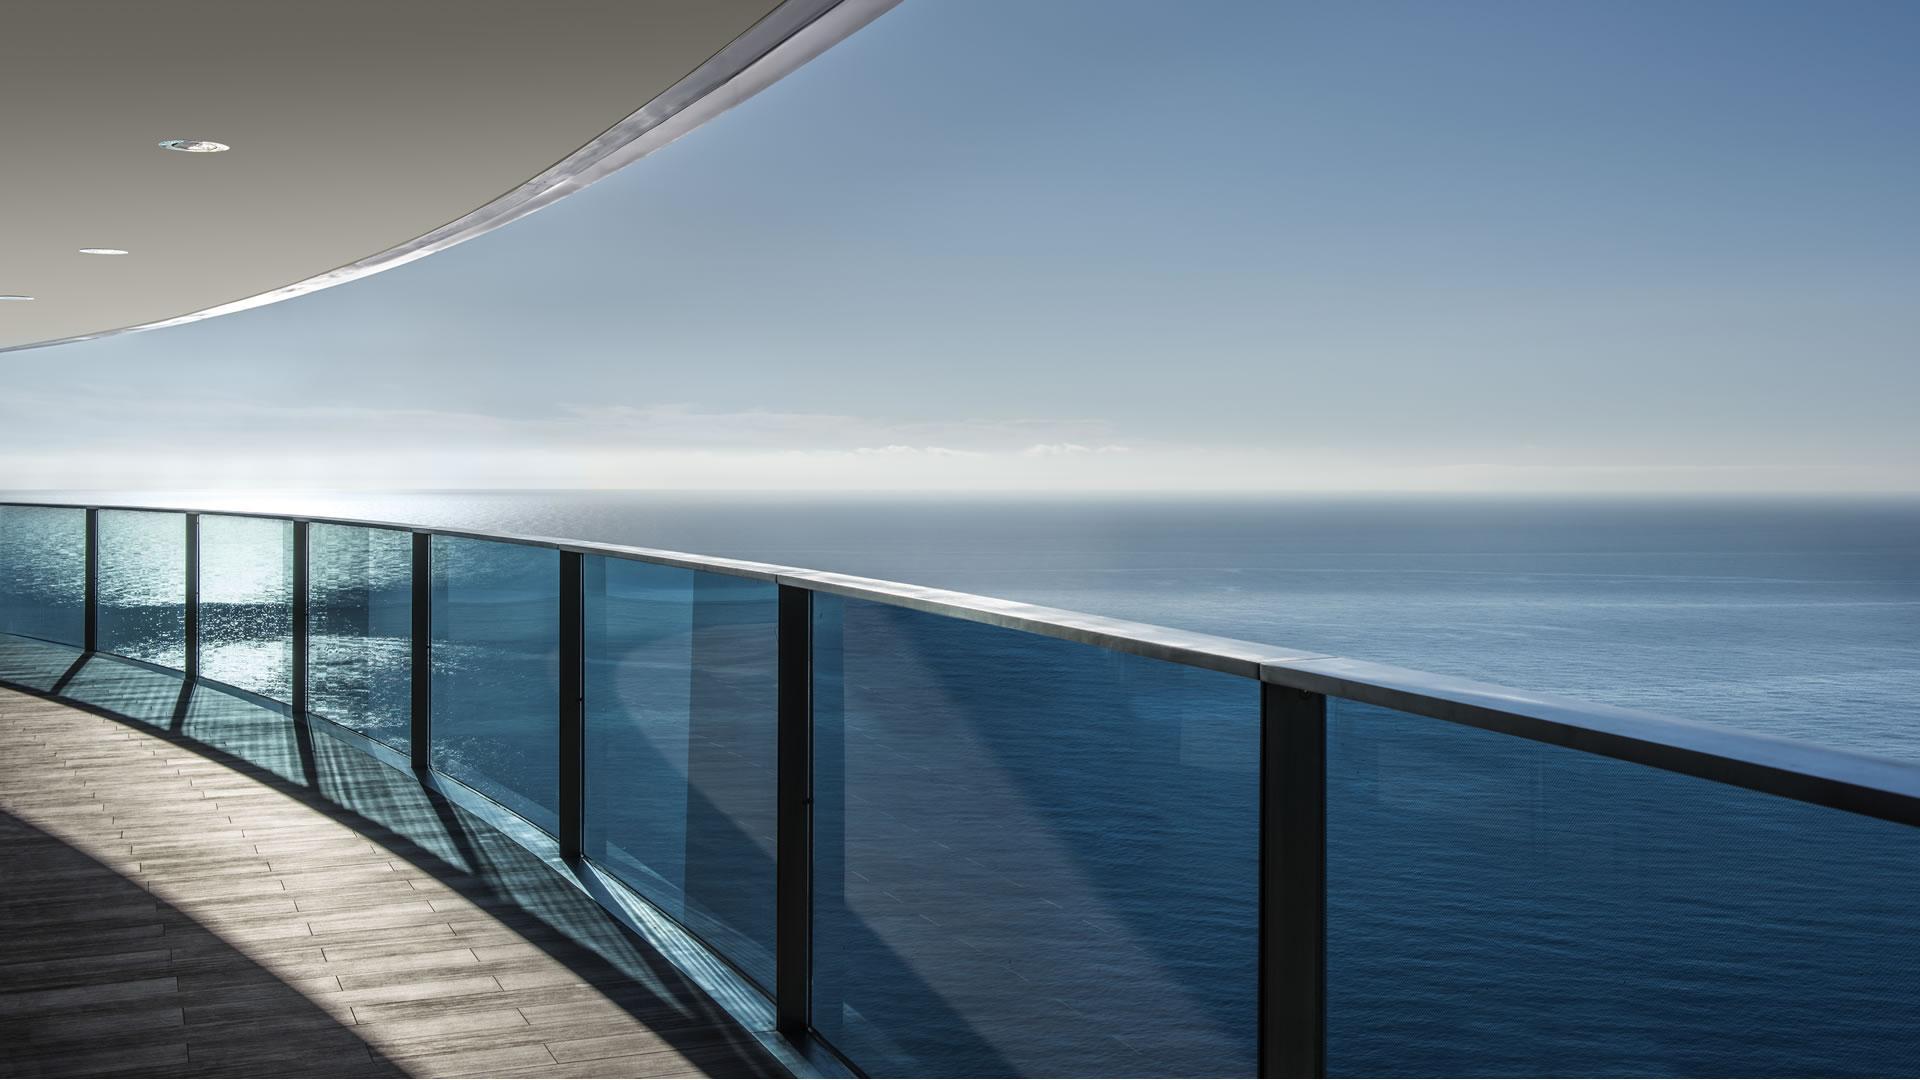 Tour Odéon seaview, Monaco